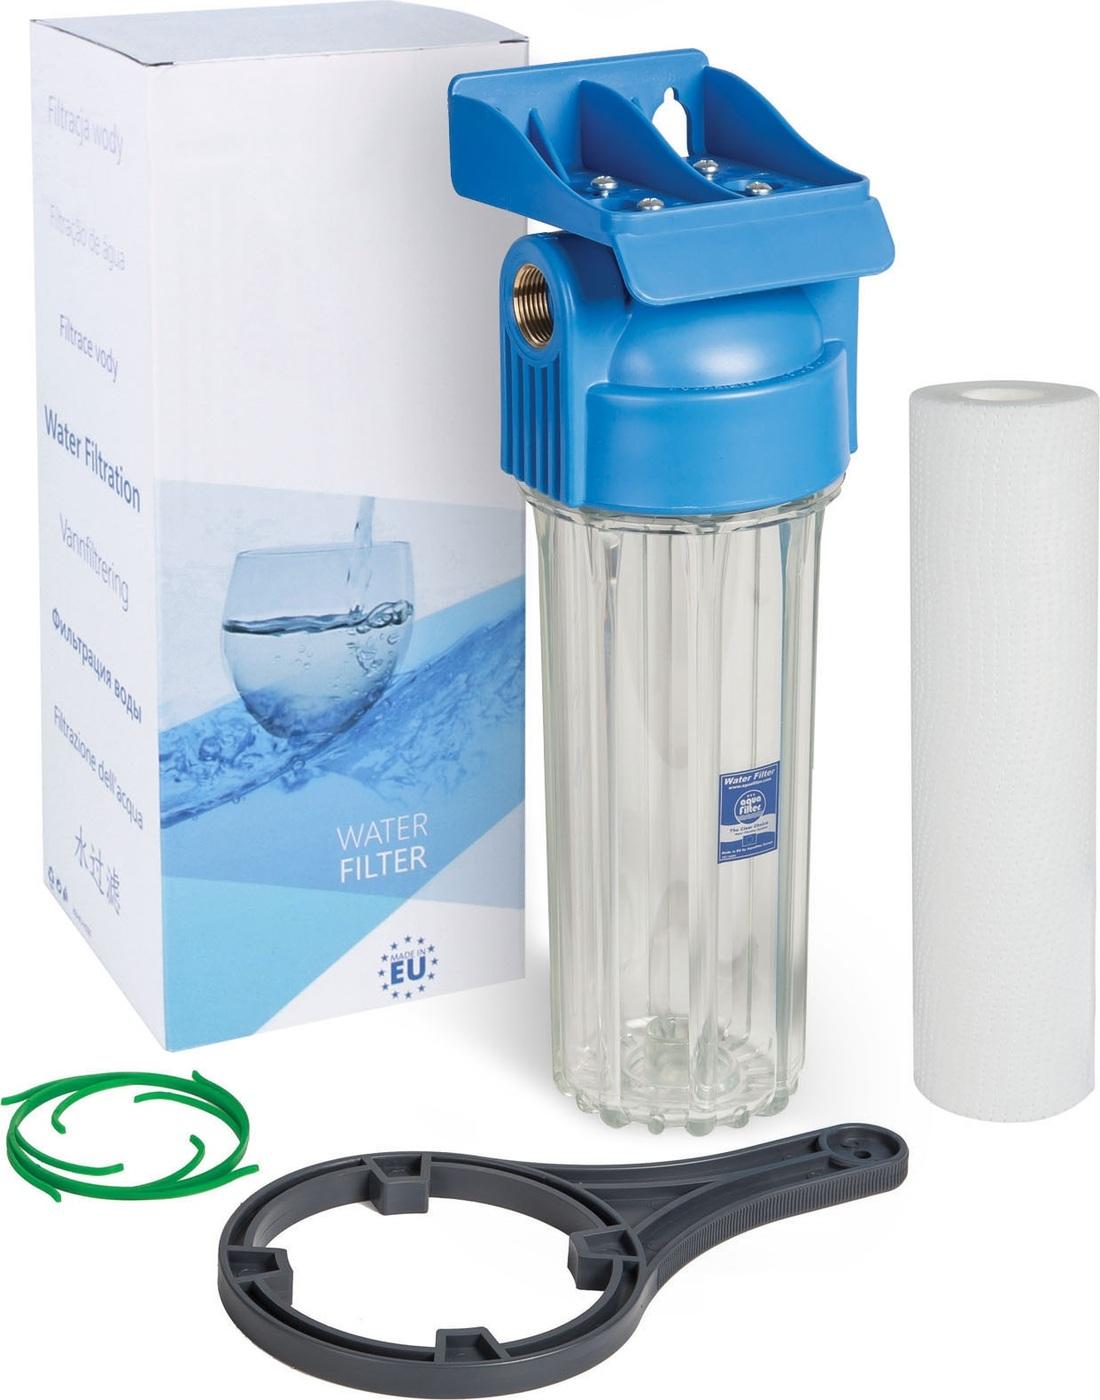 Магистральный фильтр для холодной воды с картриджем 10SL, резьба 1, серия 10 атм, Aquafilter FHPR1-HP1, 547